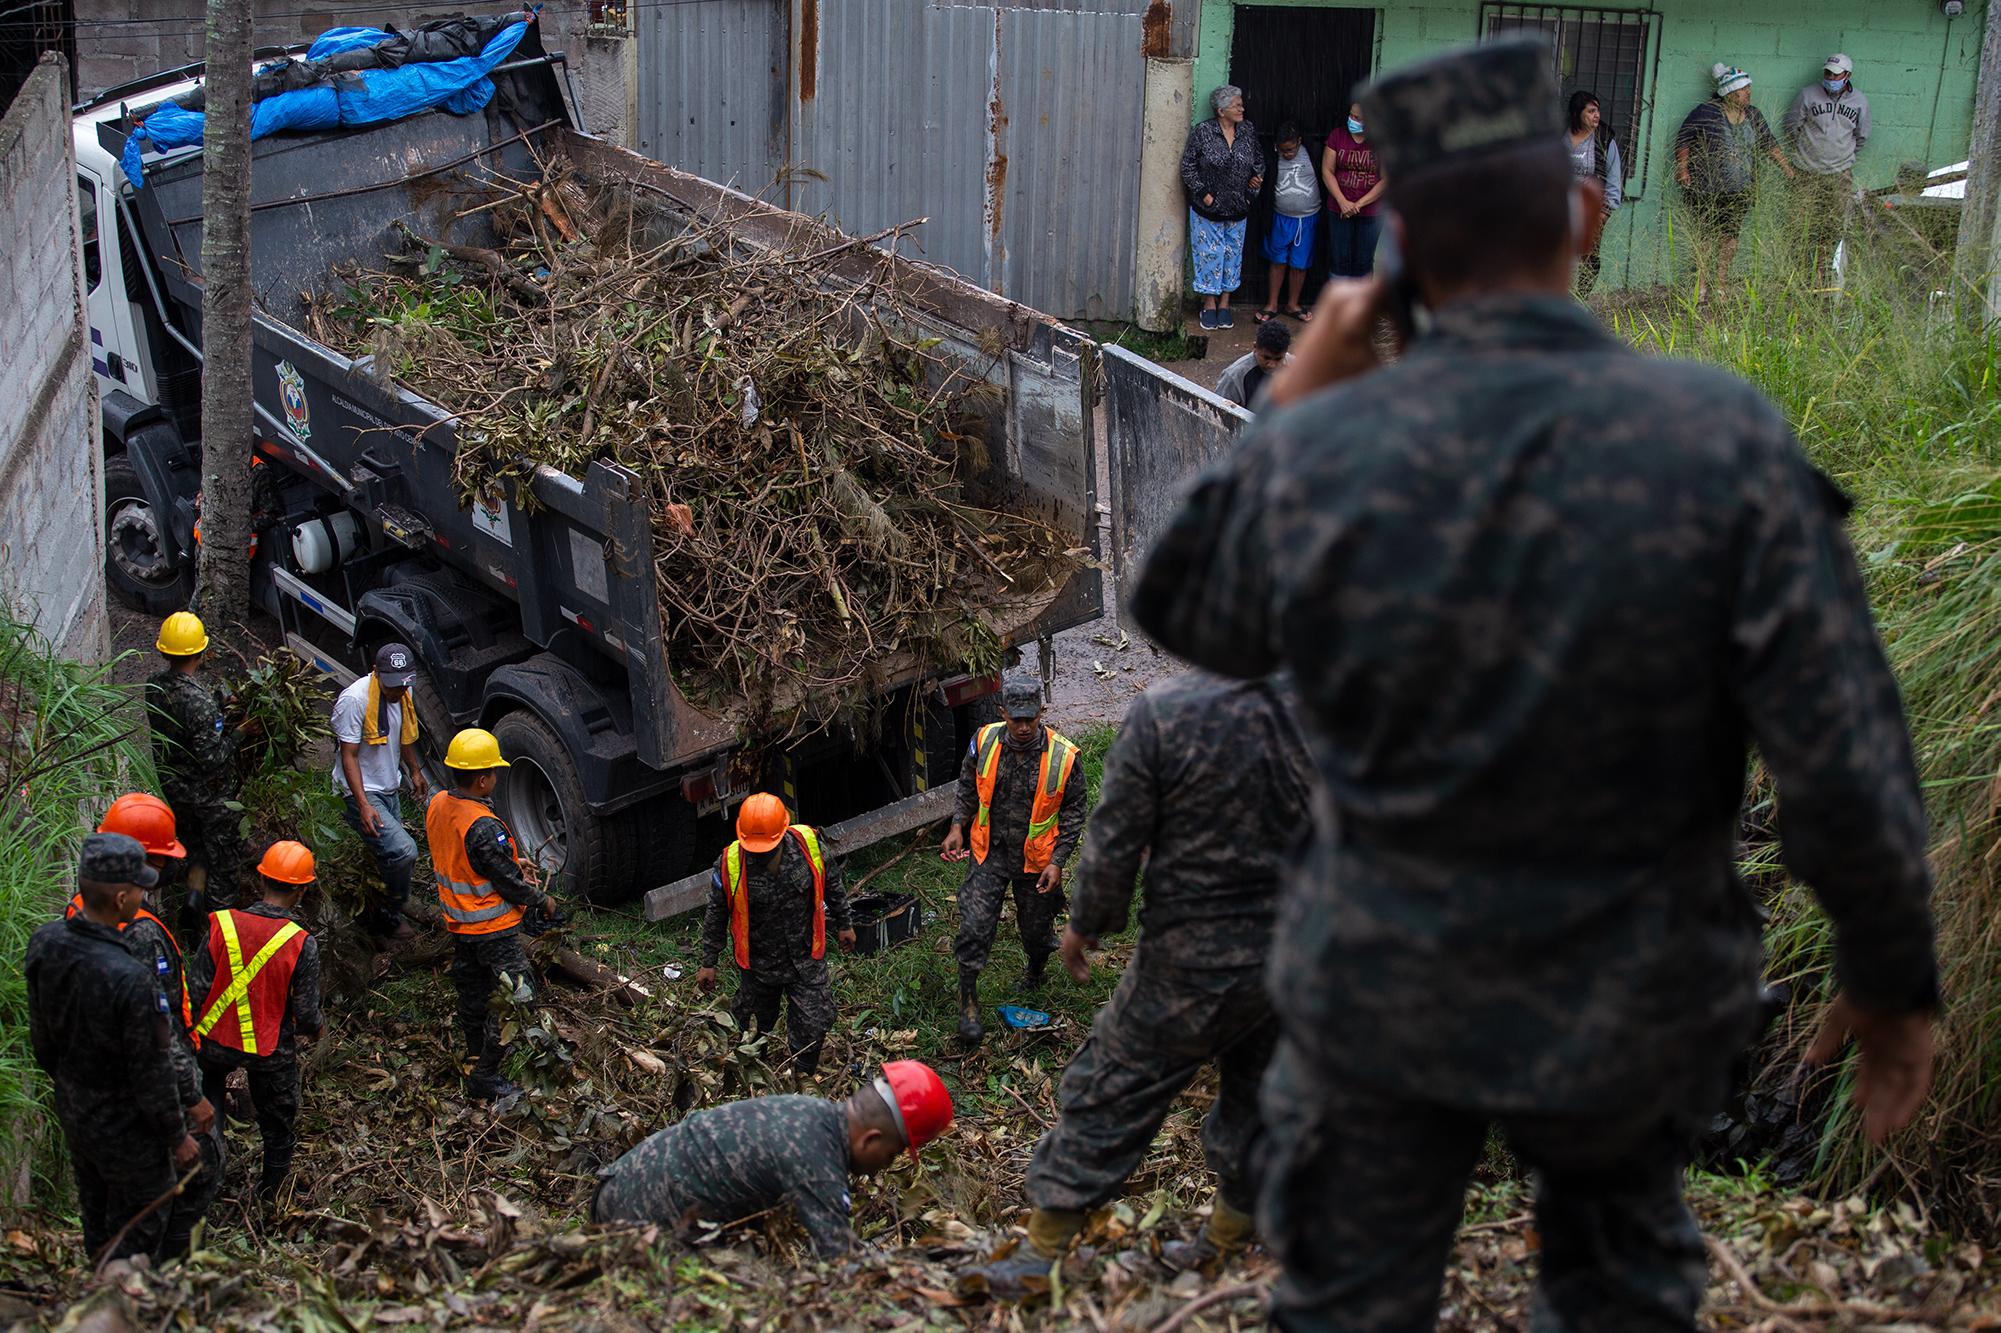 Un equipo del Ejército hondureño realiza labores de contingencia tras el derrumbe de una calle en el Barrio El Reparto. Tegucigalpa, 3 de noviembre de 2020. Foto: Martín Cálix.